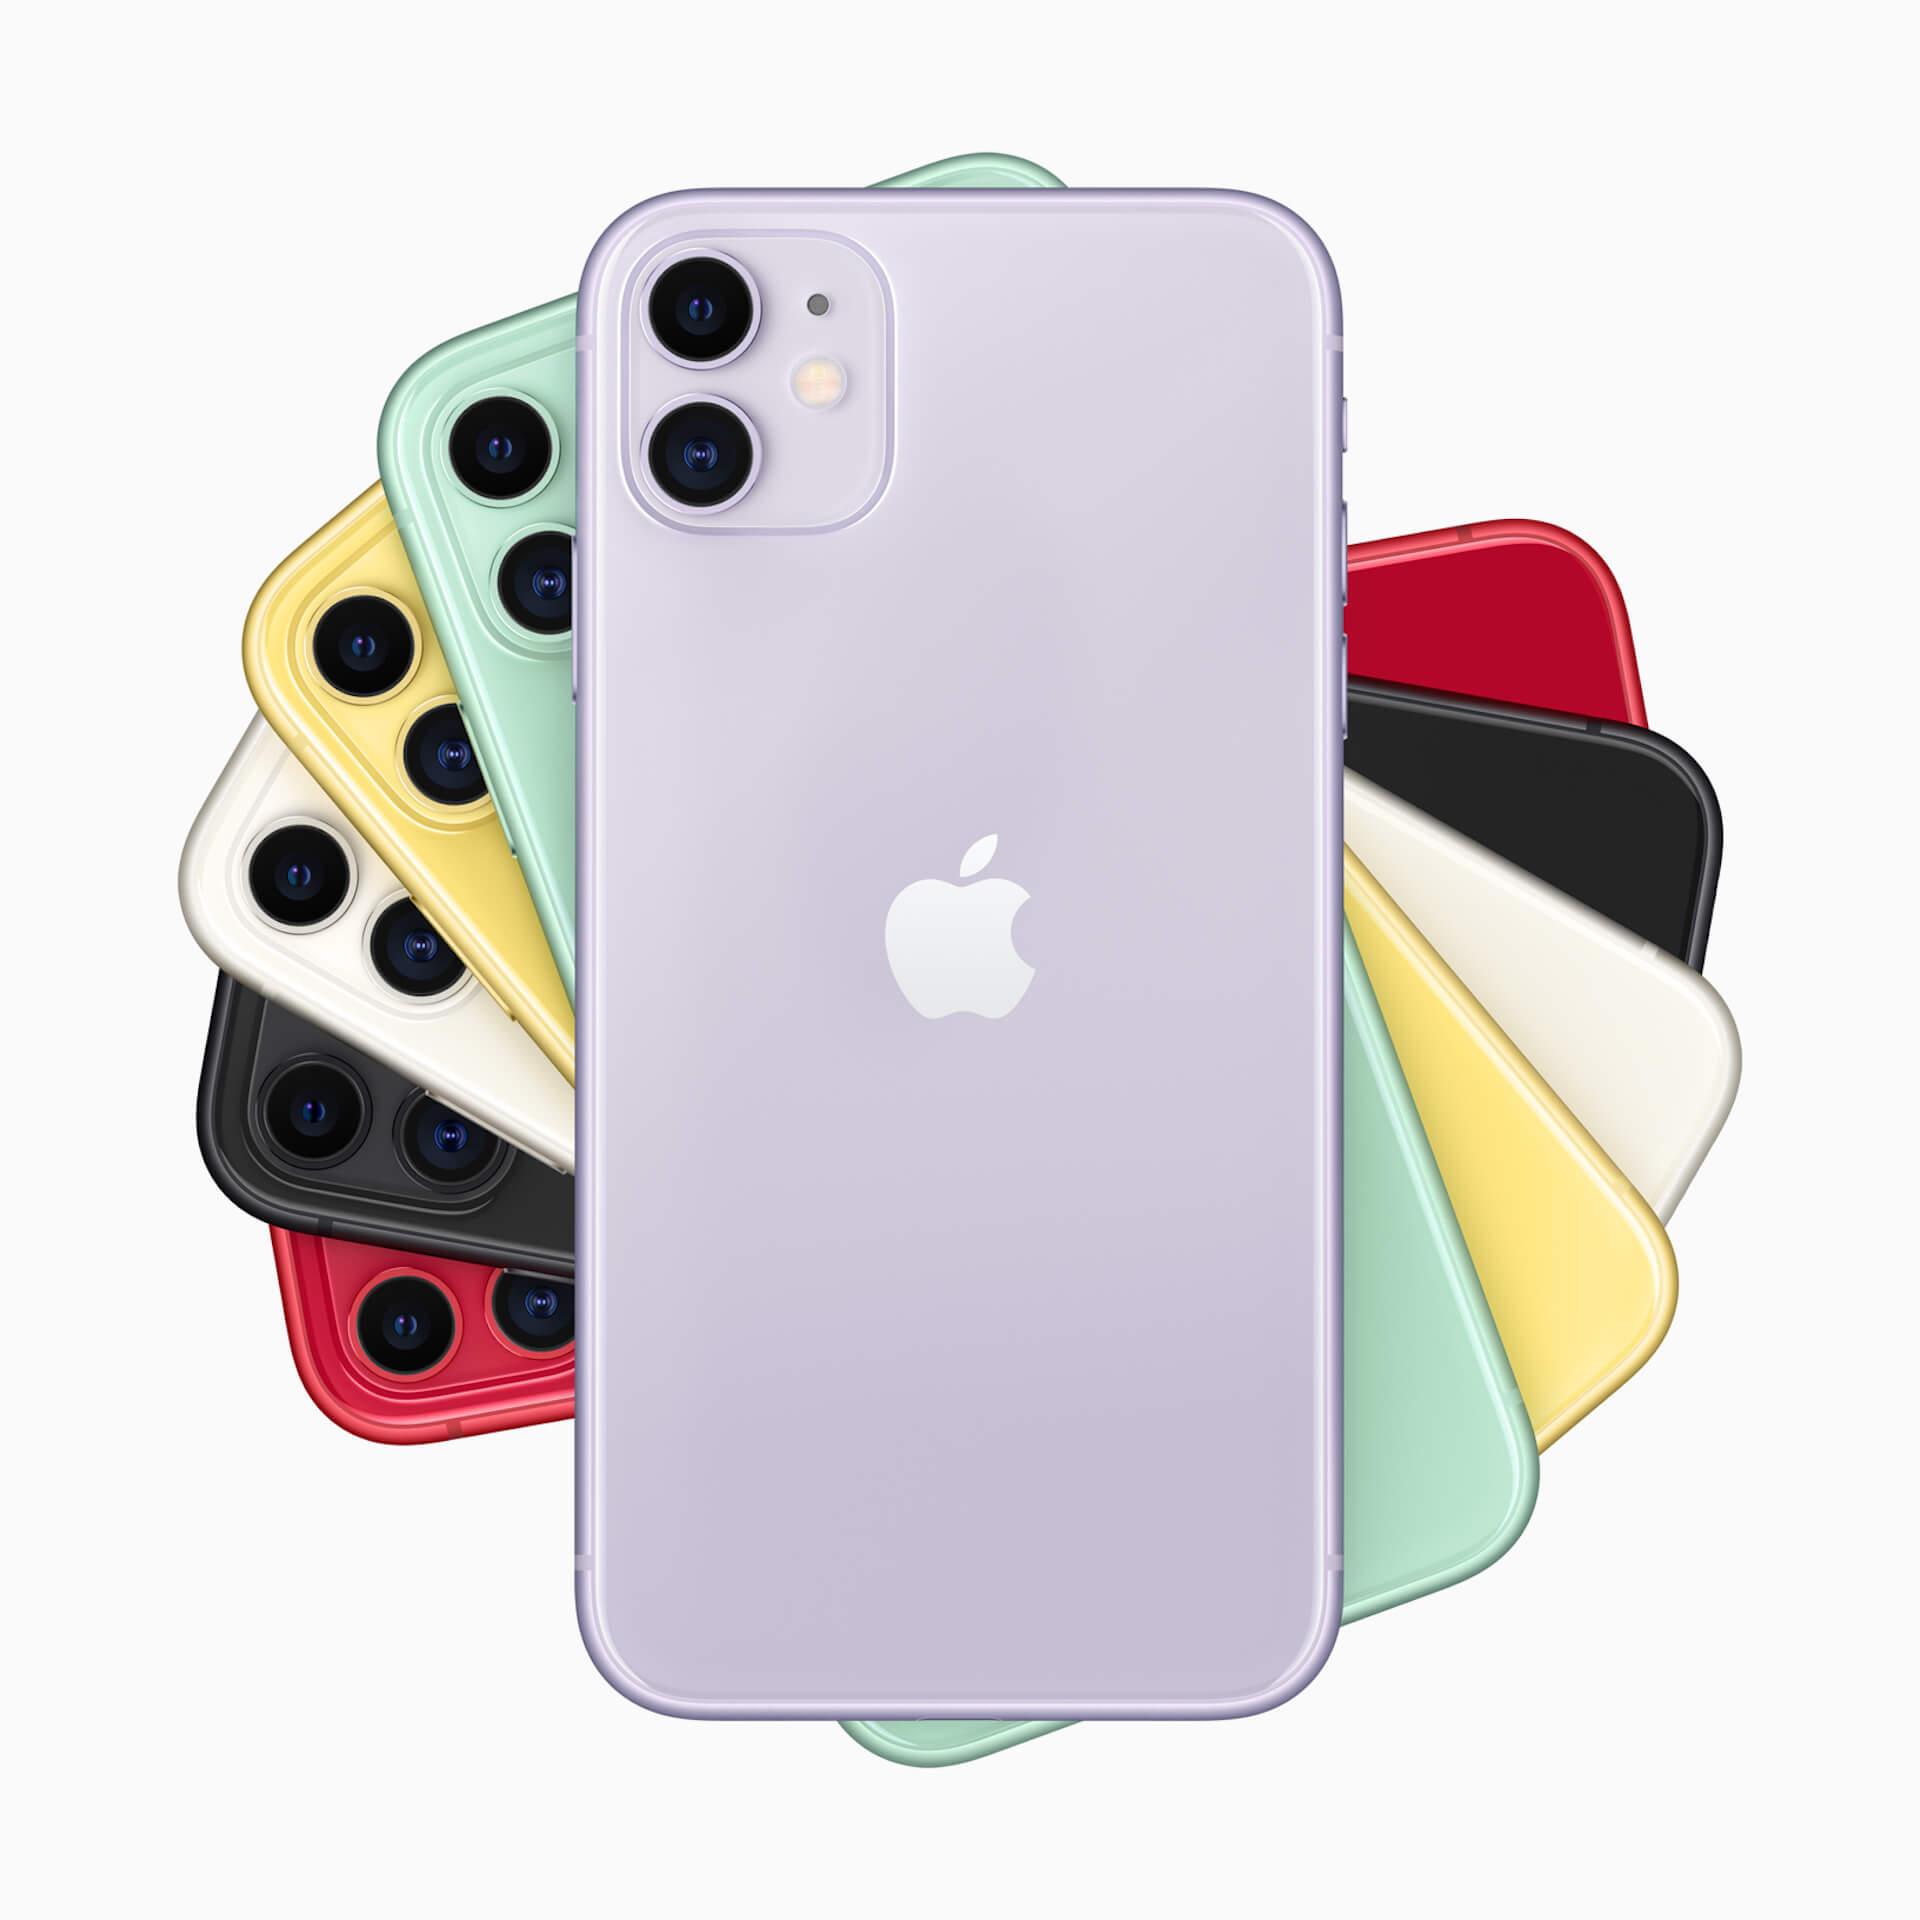 来年発売のiPhoneはPixel 4同様モーションコントロール搭載か?アナリストが予測を発表 tech191018_iphone_2020_main